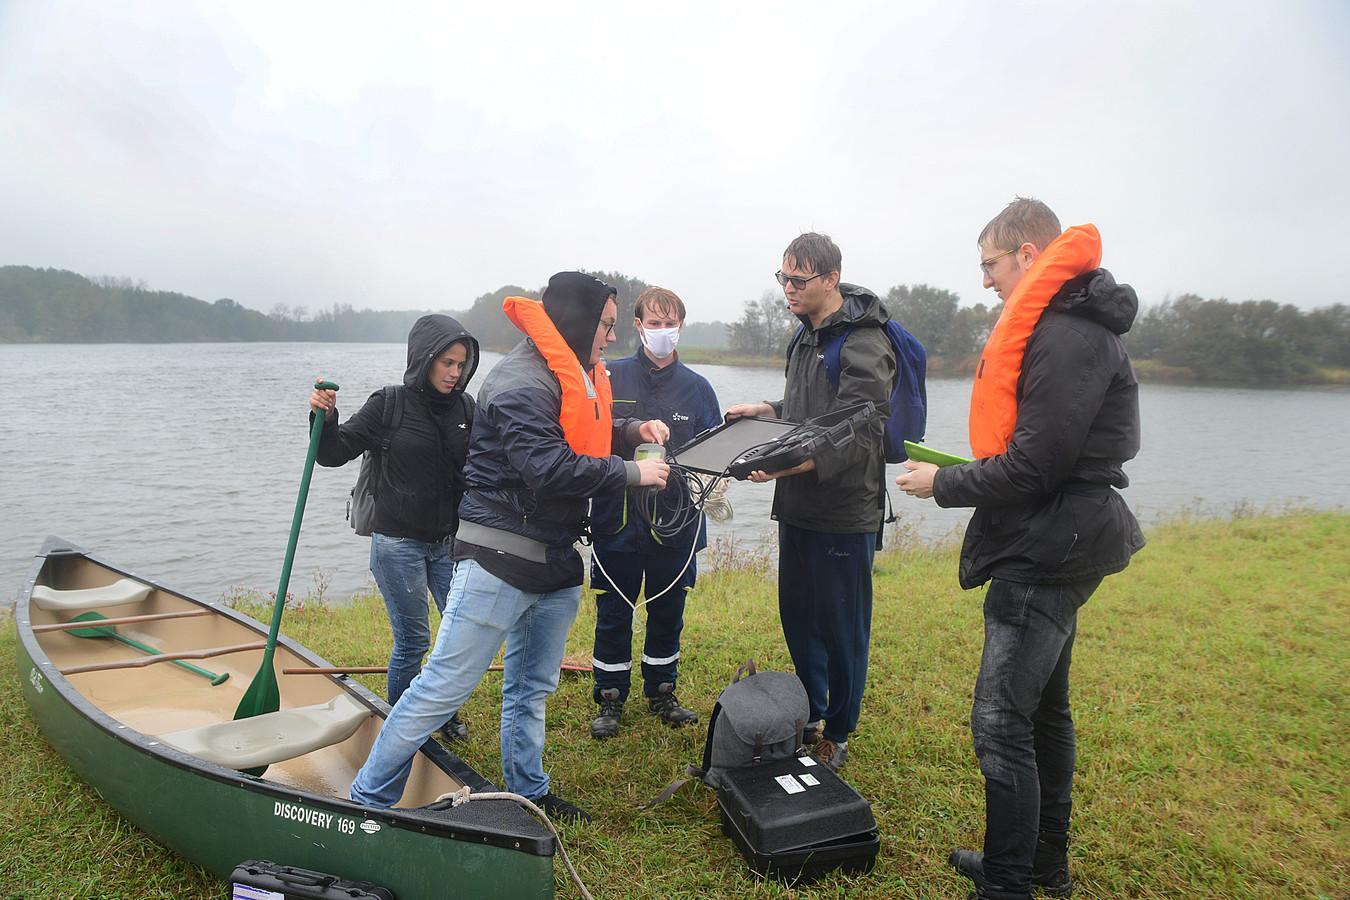 De eerste dag stonden de studenten van de HZ University of Applied Sciences in de stromende regen